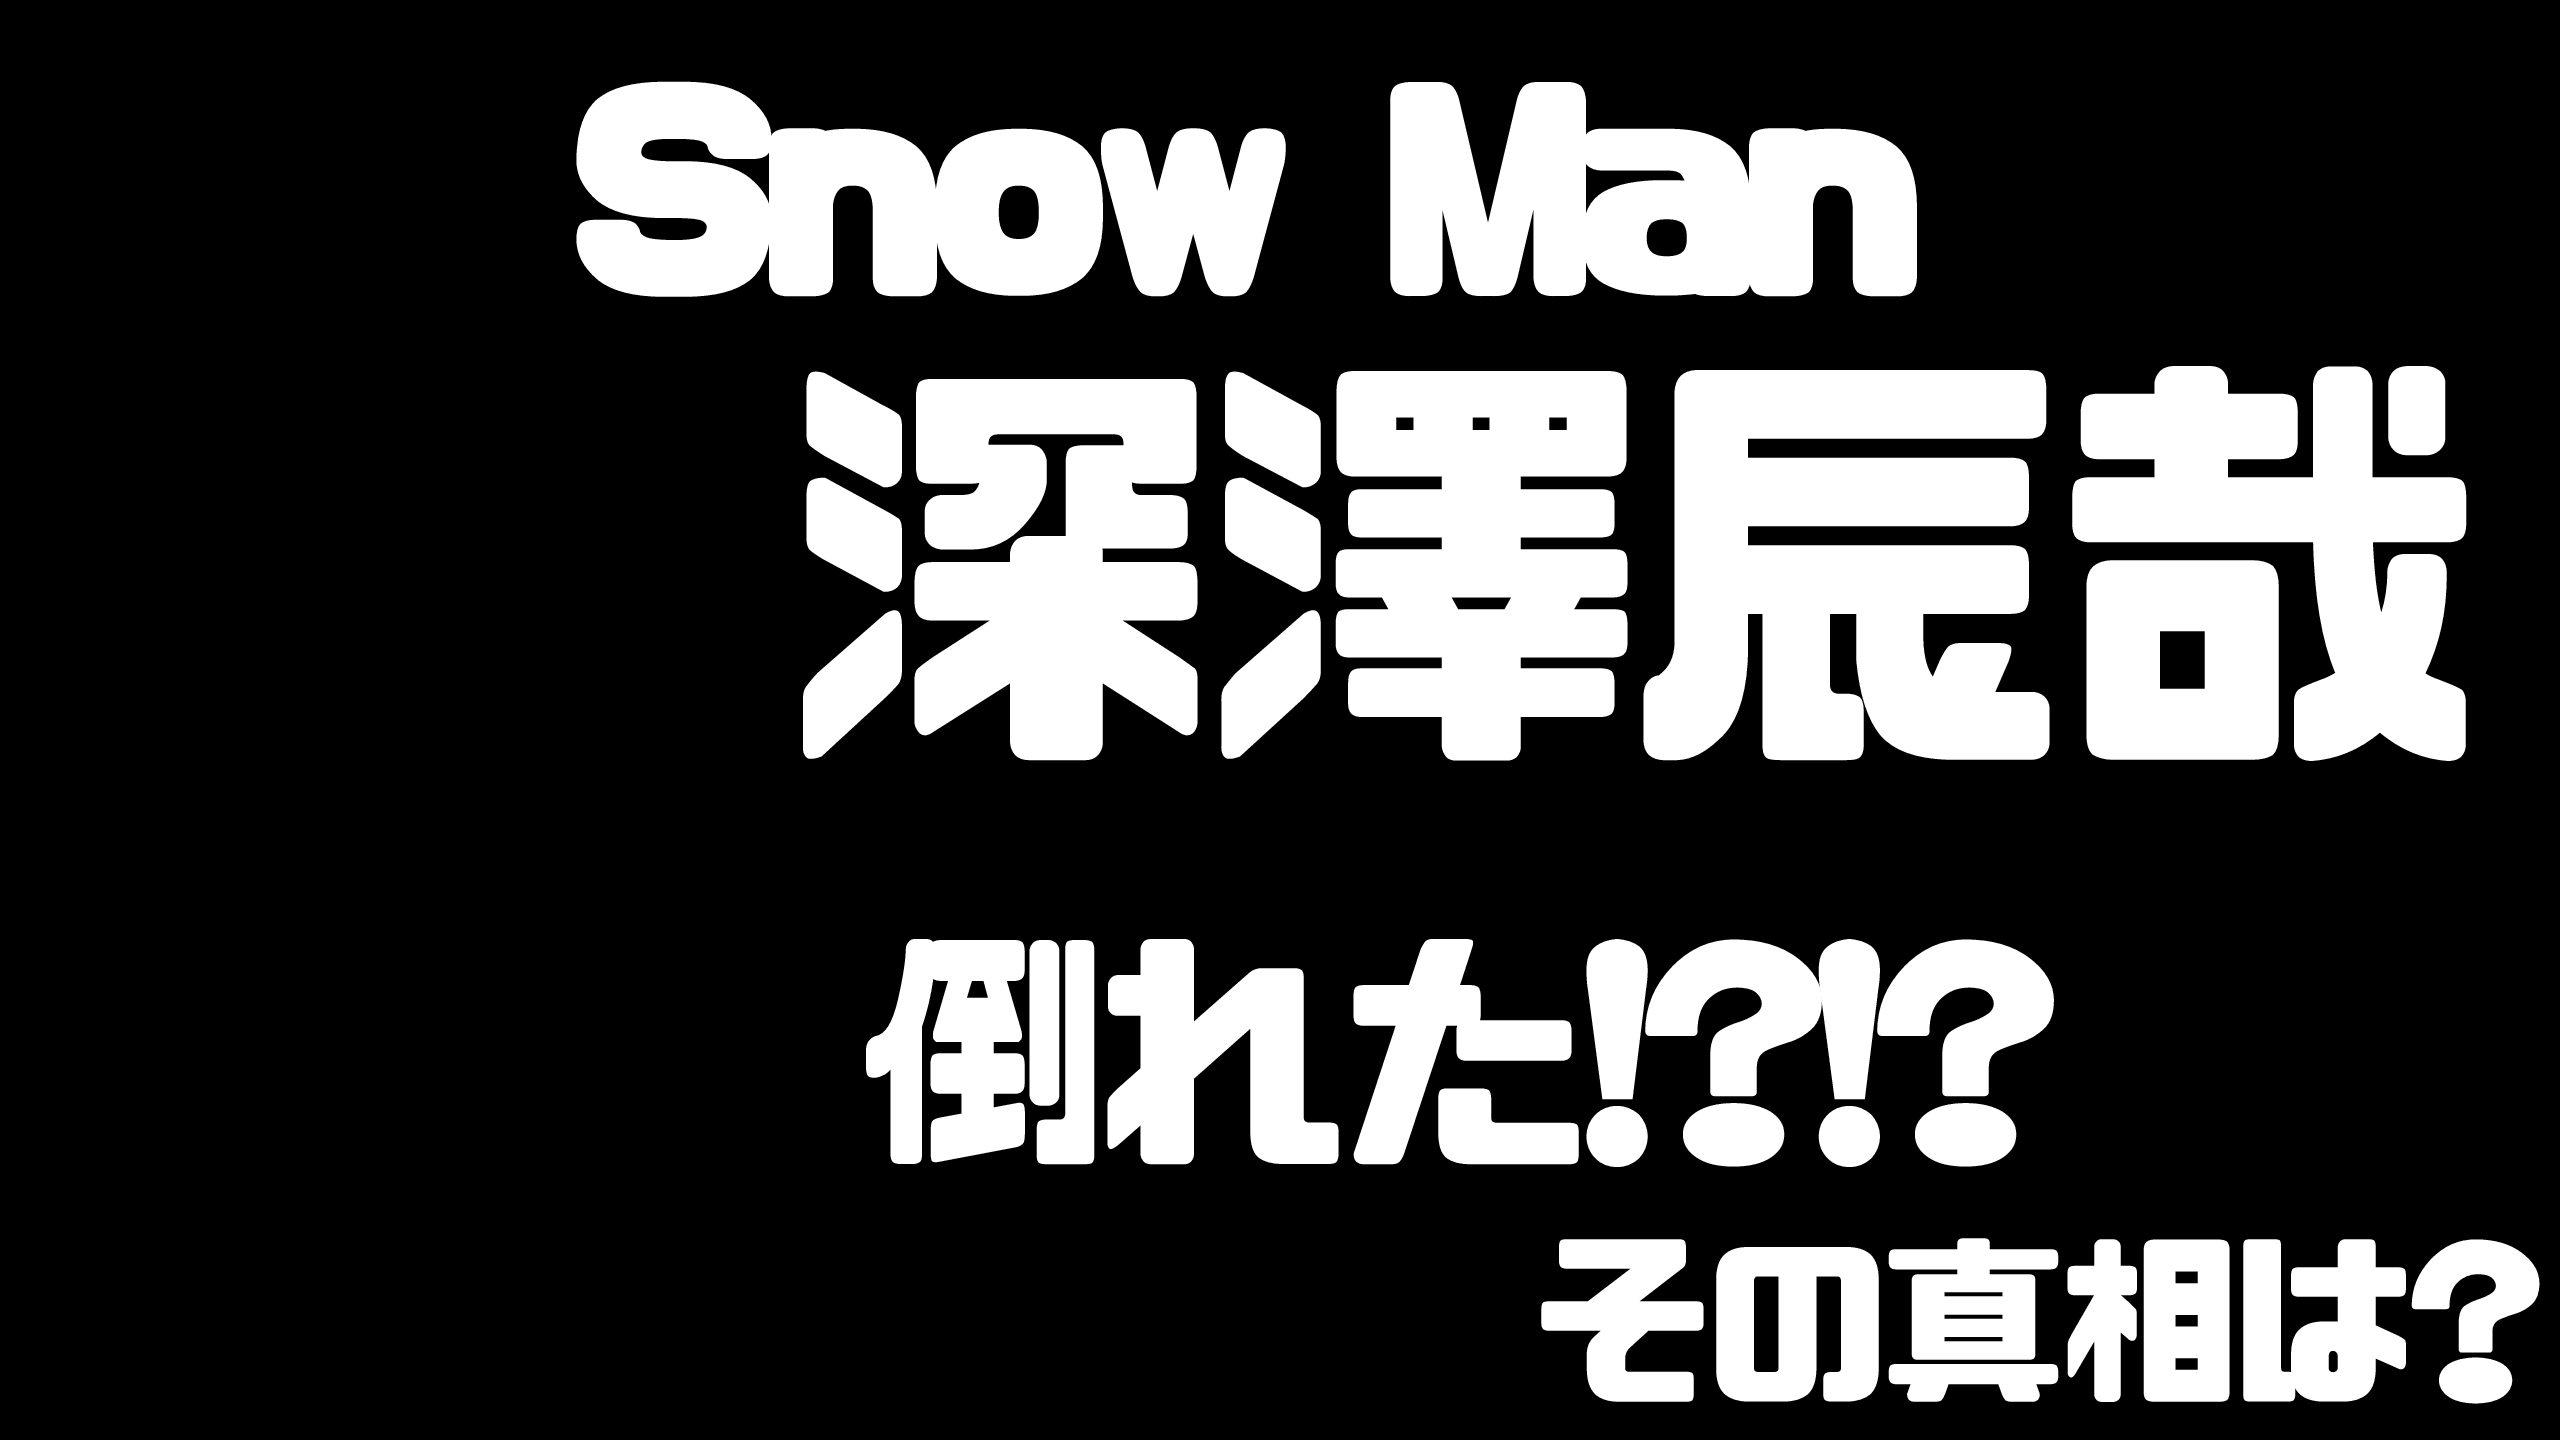 辰哉 日 深澤 入所 Snow Man(スノーマン)のメンバーカラー・入所日・年齢は?経歴と合わせてプロフィールを紹介!